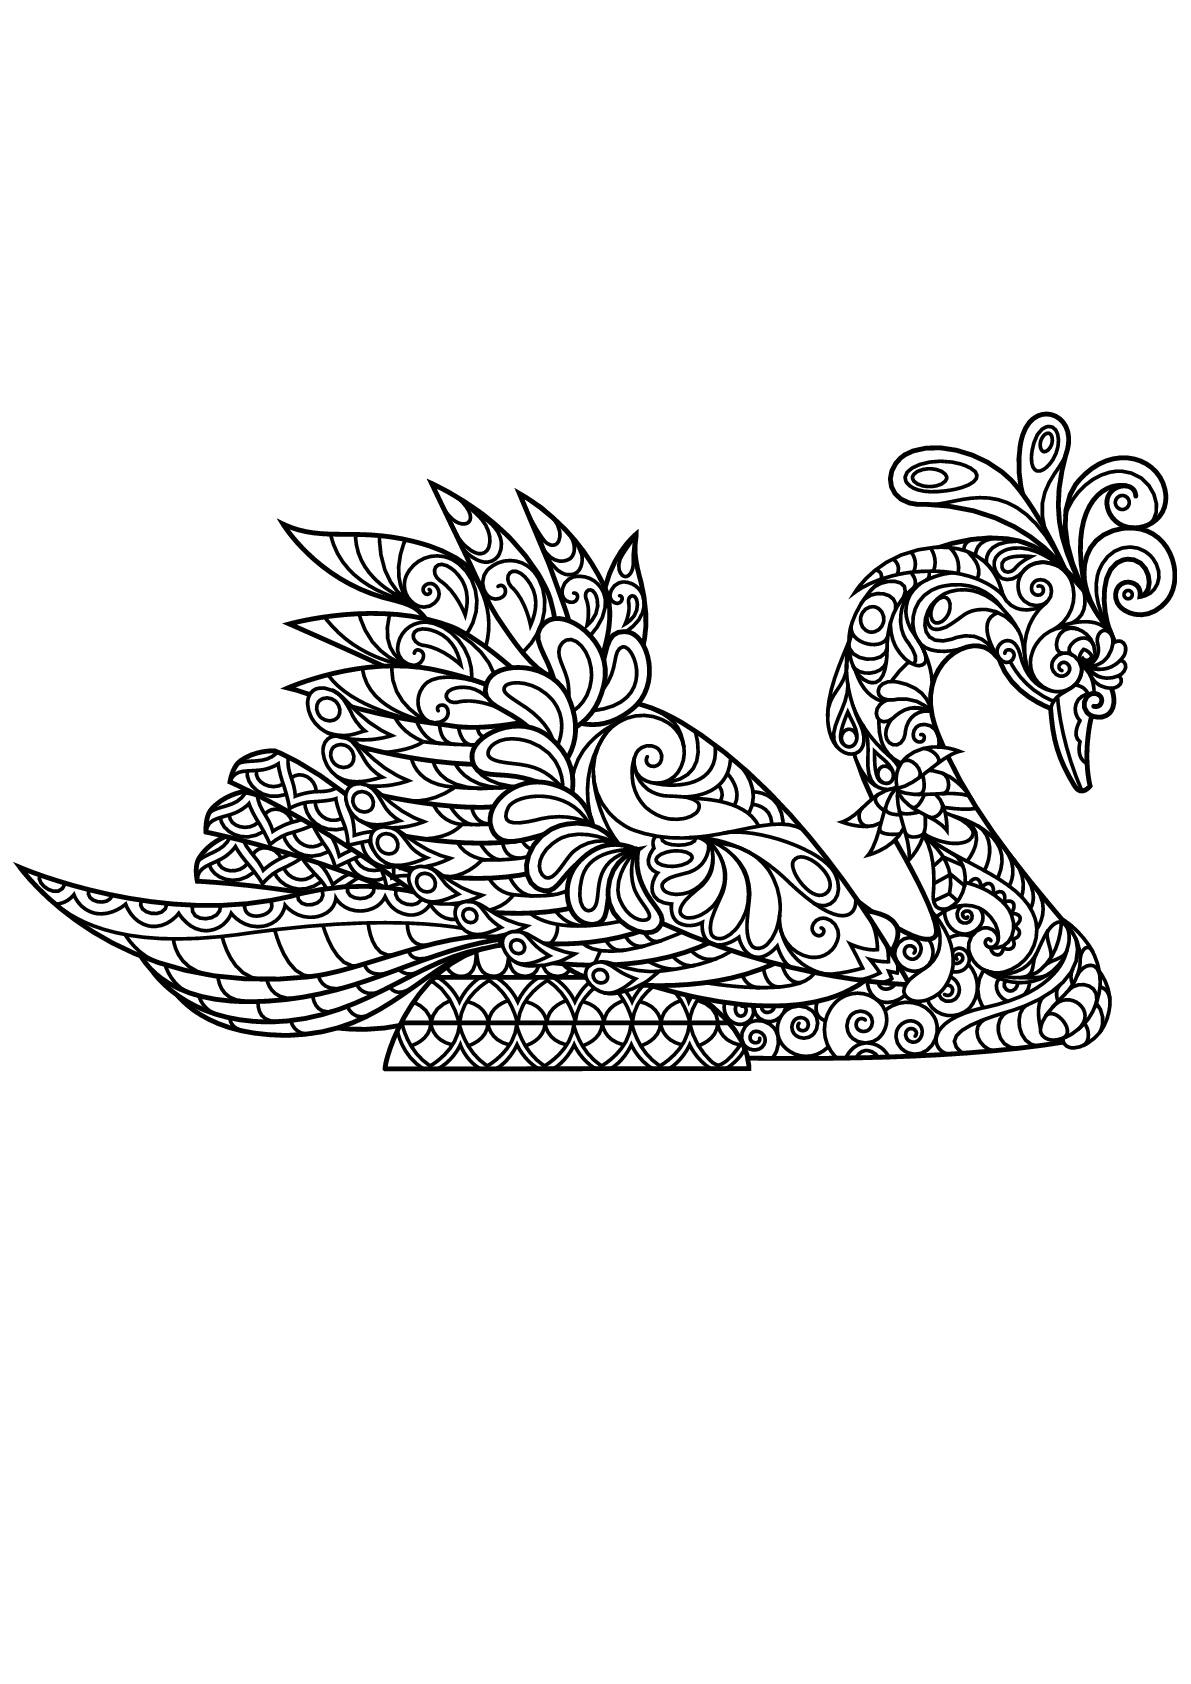 Cygne et jolis motifs